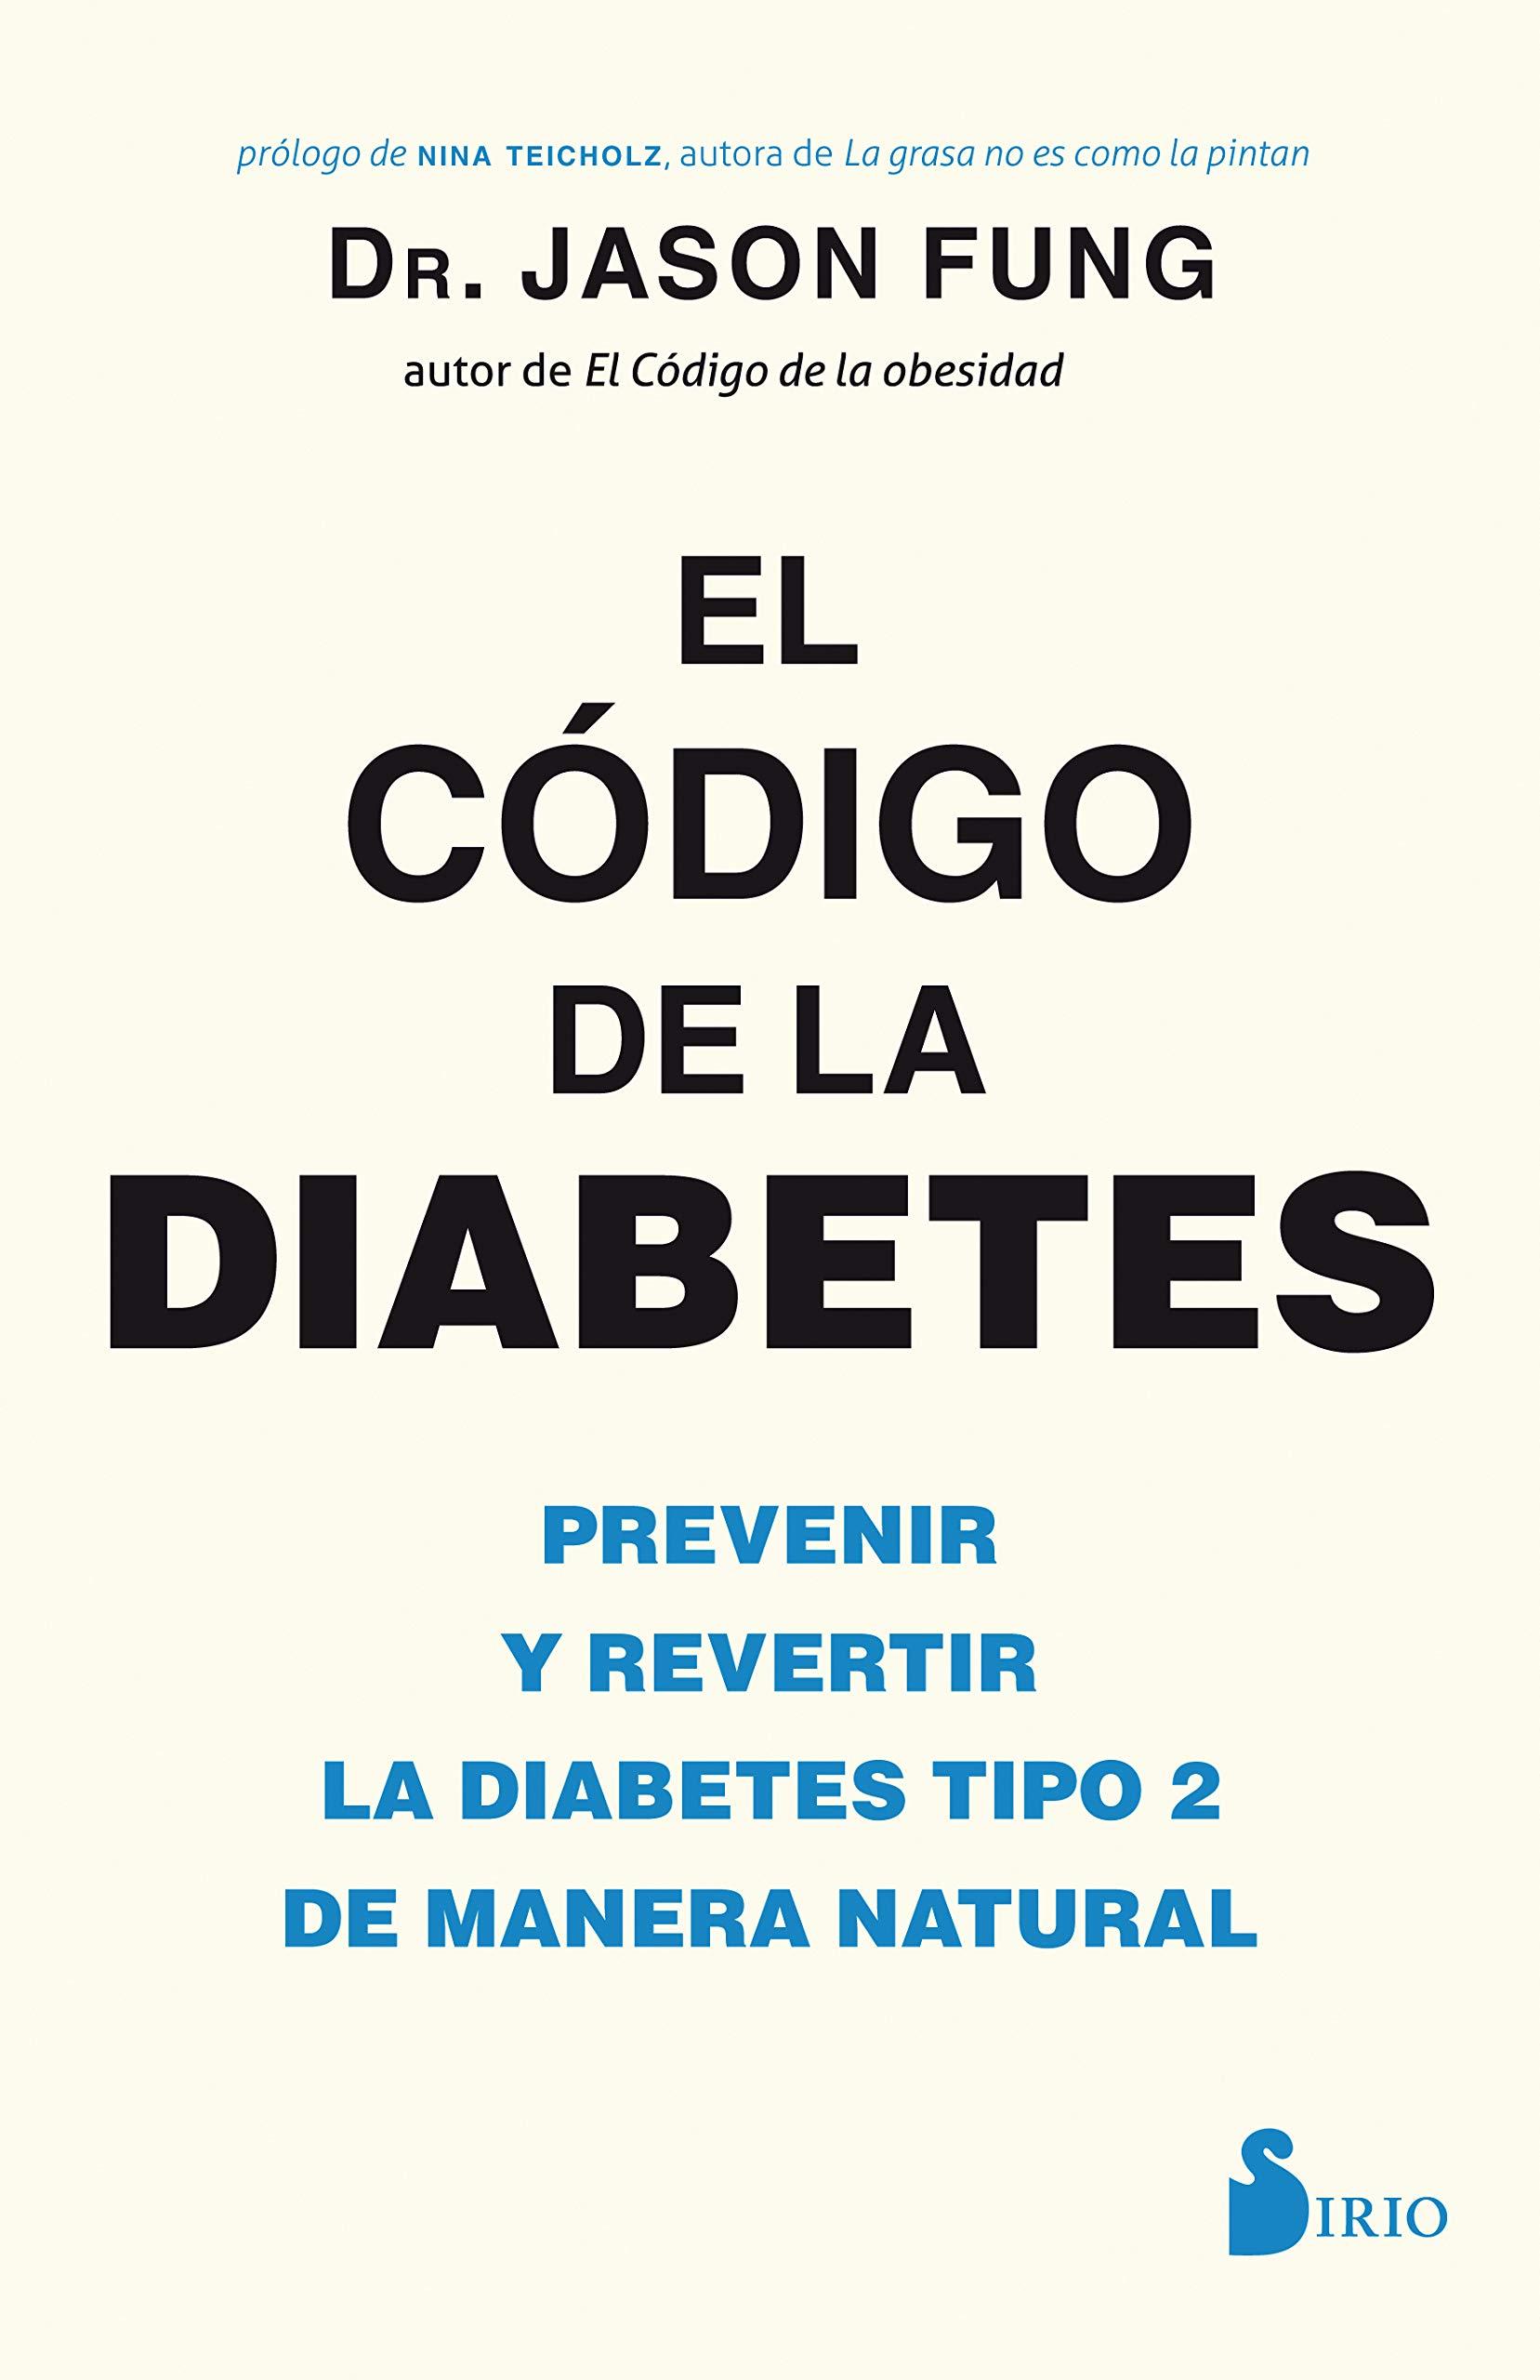 dieta de diabetes base de datos